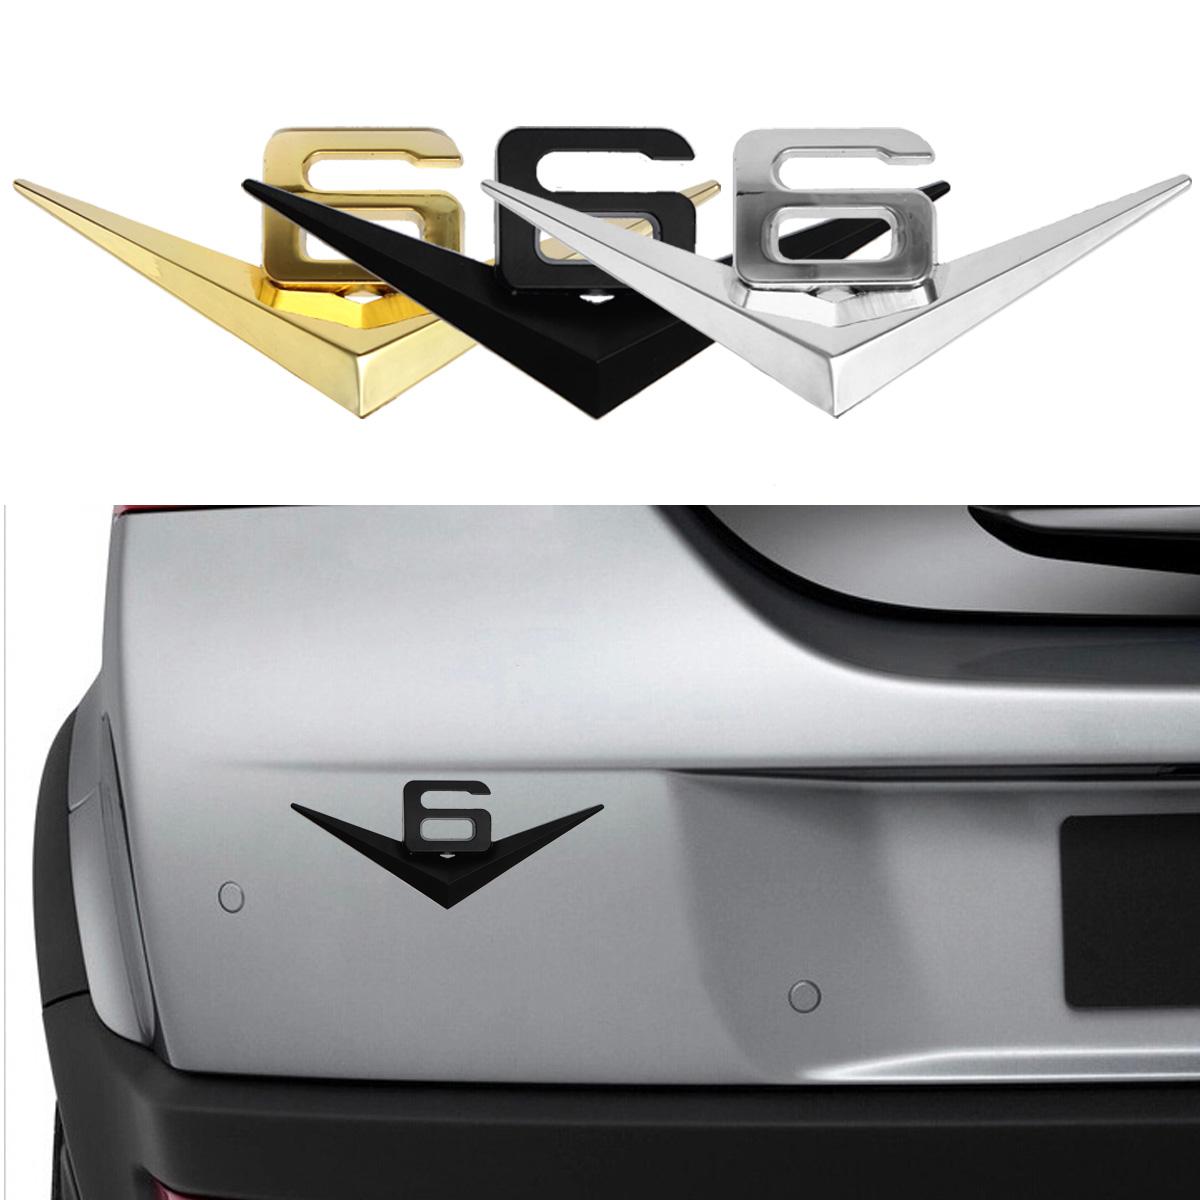 3D Car Metal V6 Emblem Decal Emblem Badge Truck Auto Mo